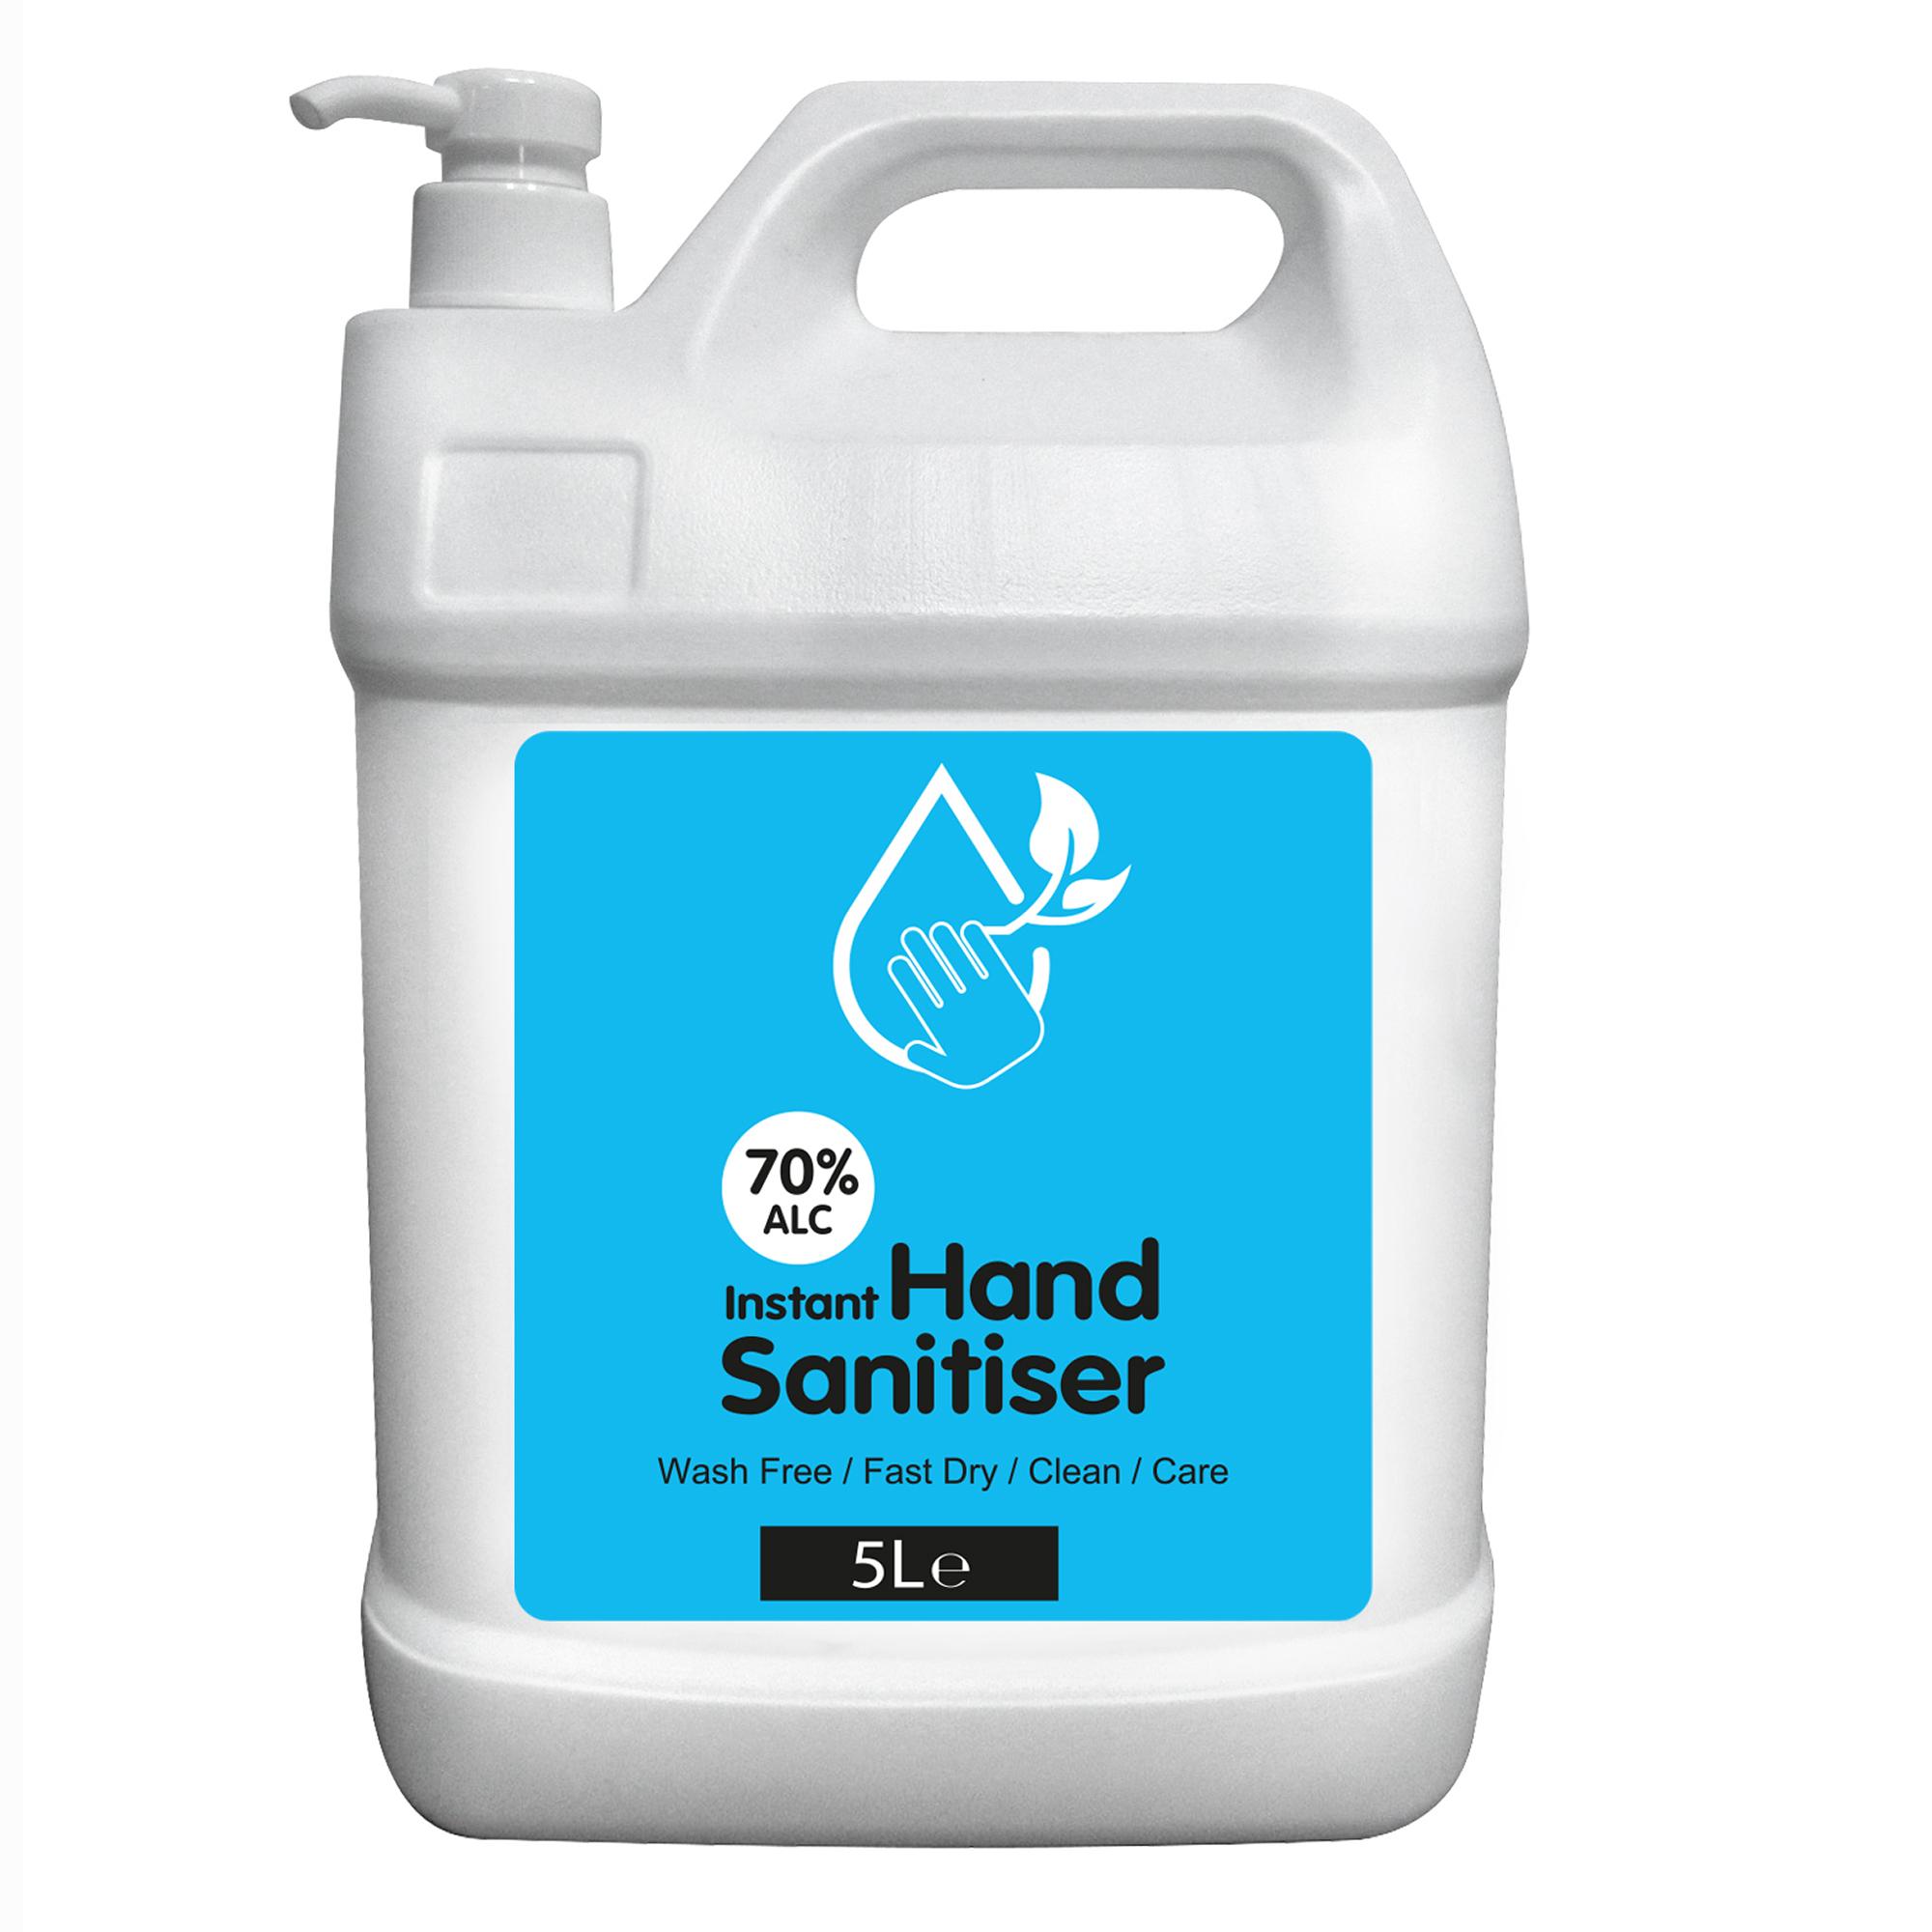 Instant Hand Sanitiser 5L Refill